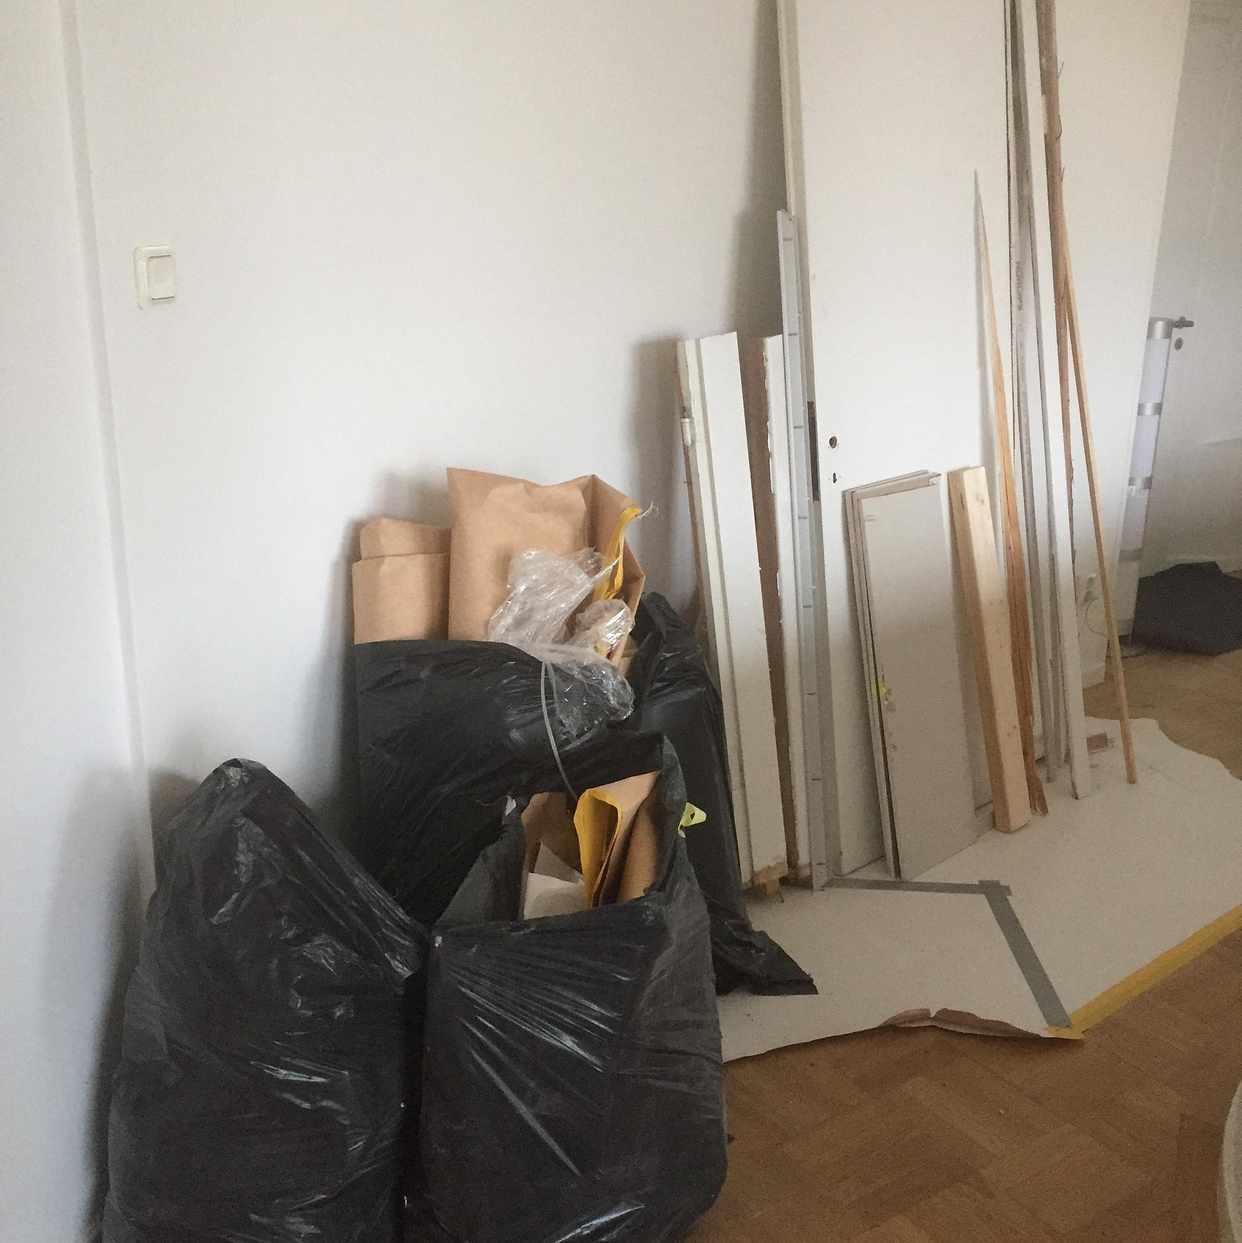 image of 4 säckar, dörr  och spege - Stockholm